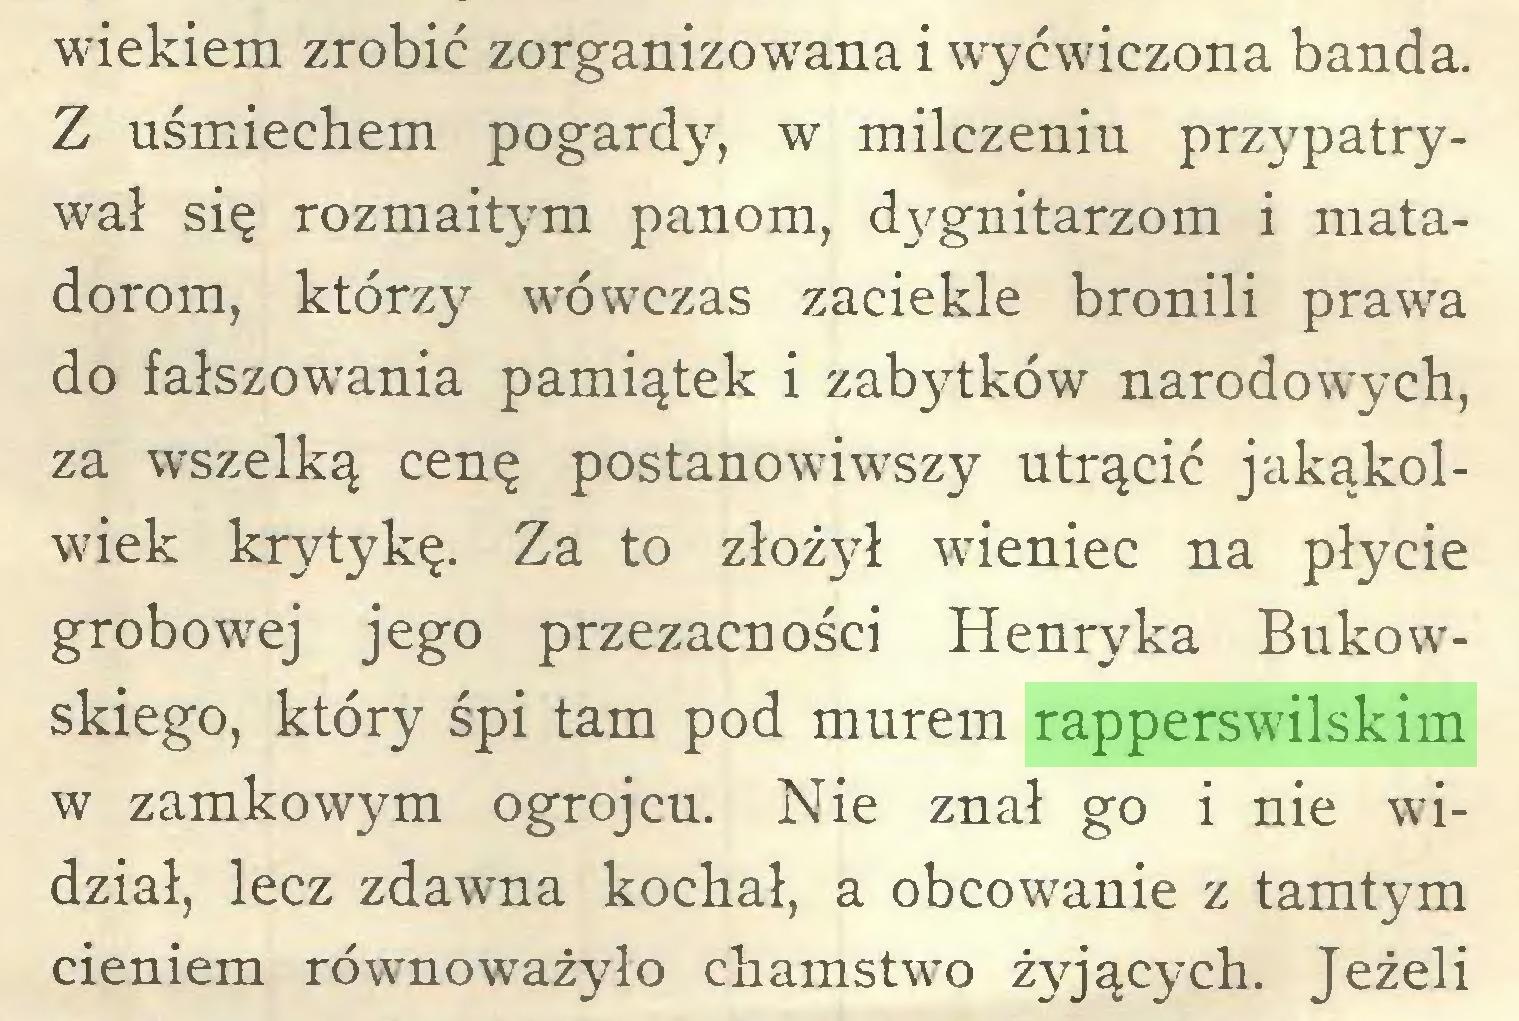 (...) wiekiem zrobić zorganizowana i wyćwiczona banda. Z uśmiechem pogardy, w milczeniu przypatrywał się rozmaitym panom, dygnitarzom i matadorom, którzy wówczas zaciekle bronili prawa do fałszowania pamiątek i zabytków narodowych, za wszelką cenę postanowiwszy utrącić jakąkolwiek krytykę. Za to złożył wieniec na płycie grobowej jego przezacności Henryka Bukowskiego, który śpi tam pod murem rapperswilskim w zamkowym ogrojcu. Nie znał go i nie widział, lecz zdawna kochał, a obcowanie z tamtym cieniem równoważyło chamstwo żyjących. Jeżeli...